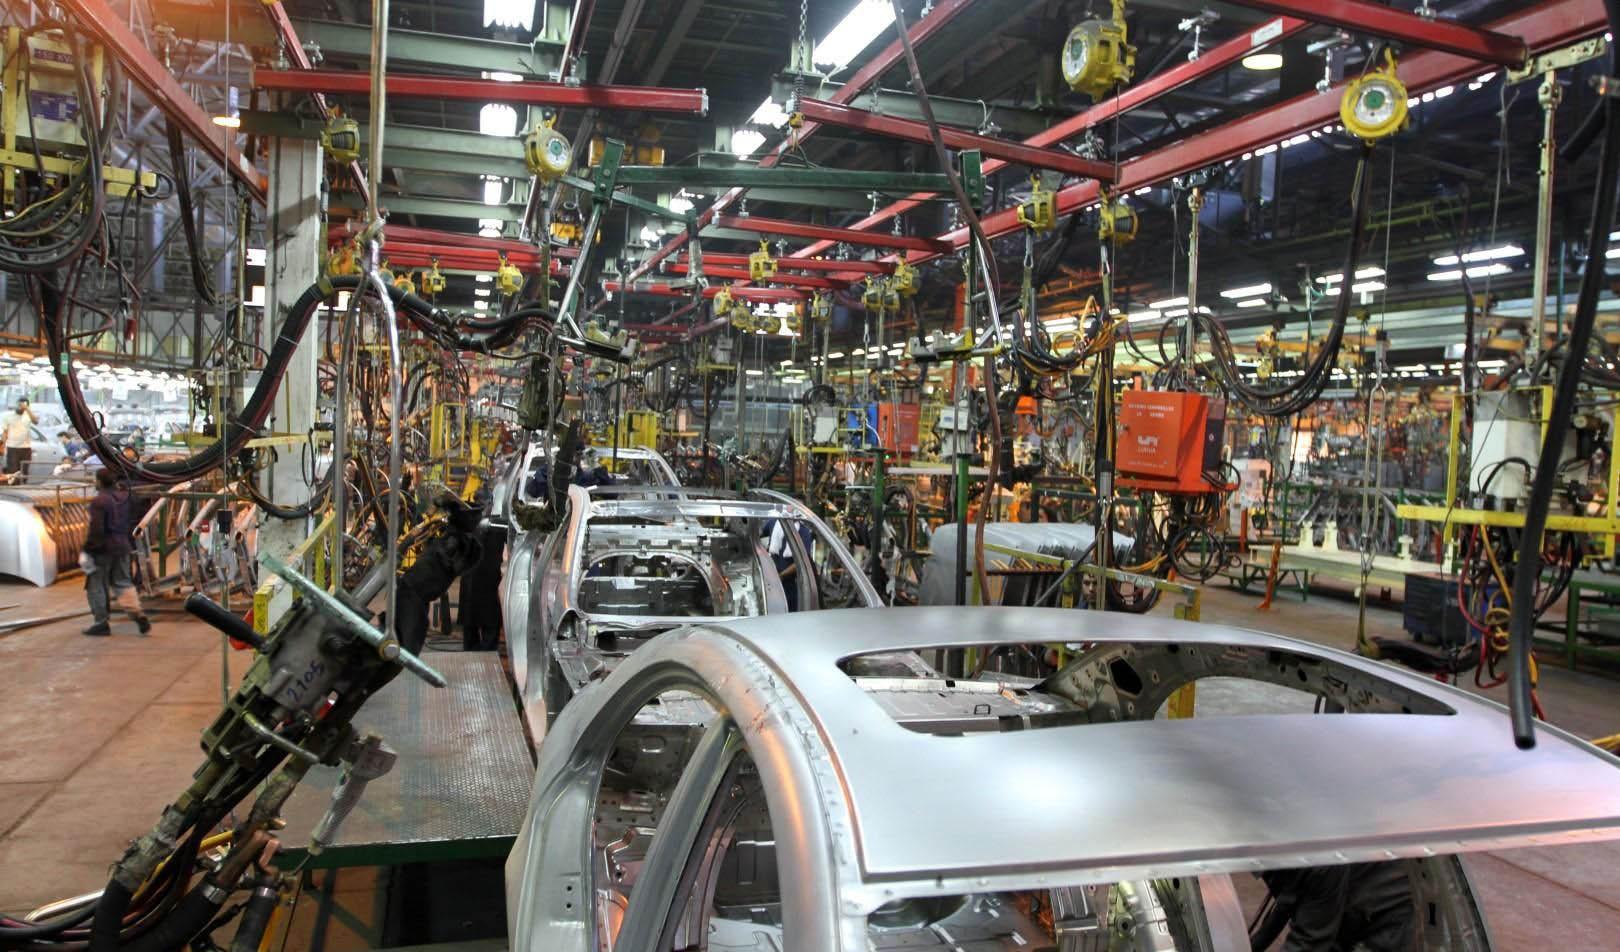 تخصیص ٥٠٠٠ میلیارد تومان اعتبار به خودروسازان تصویب شد